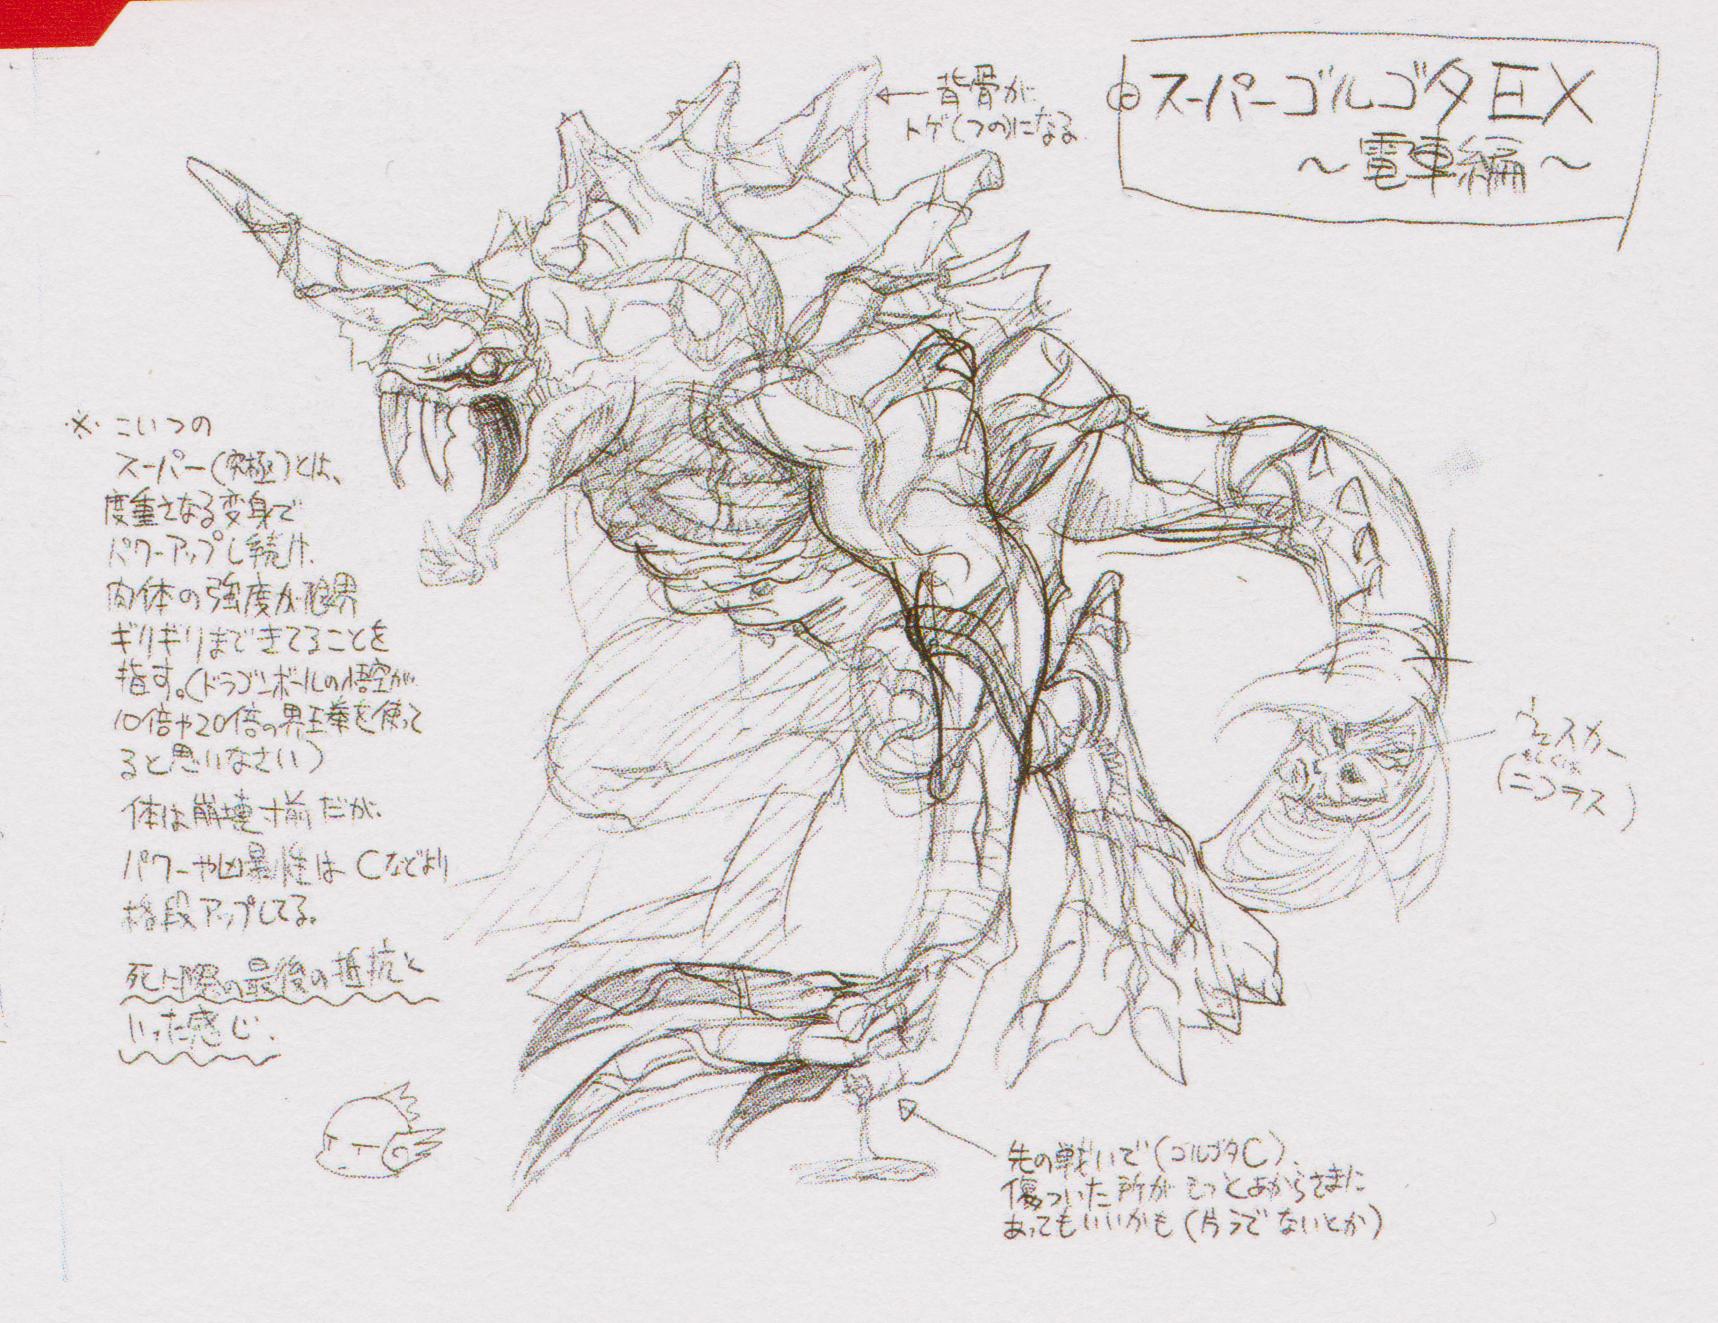 File:Super Golgotha concept art.png